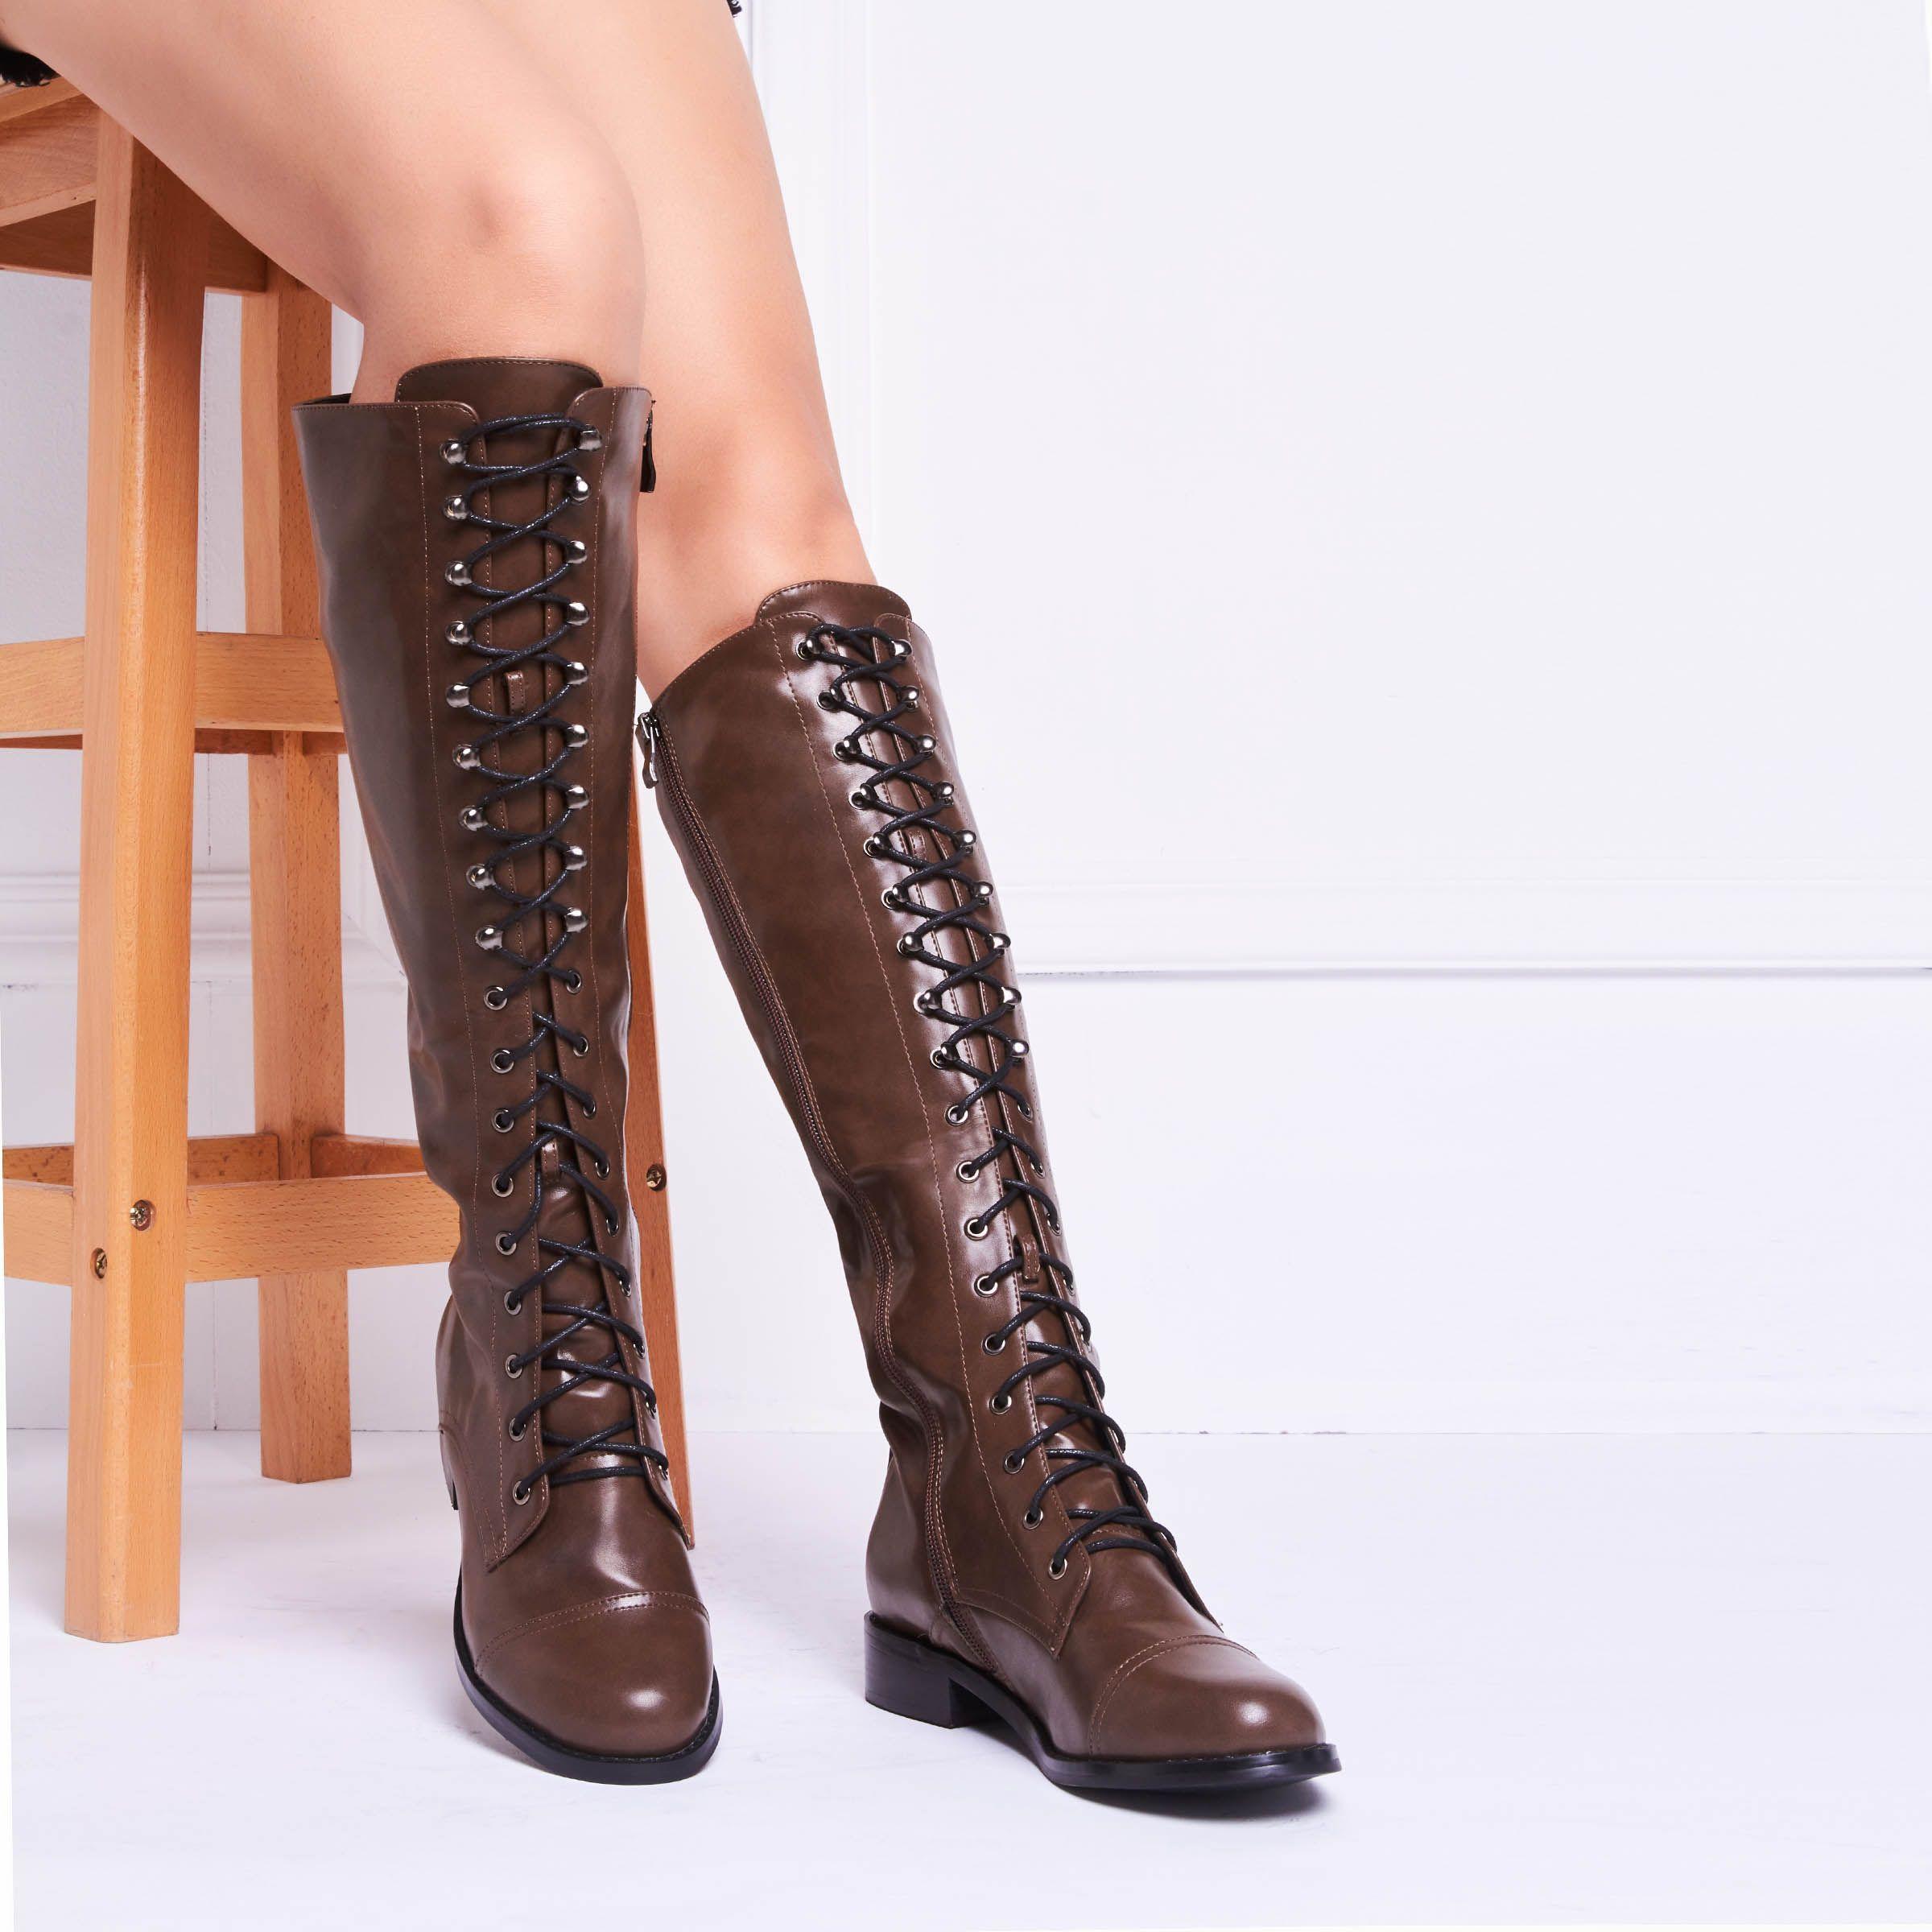 Out-Door Wearing Lace-Up Flat Boots   Knee High Boots   Boots, Flat ... da79a86e6da